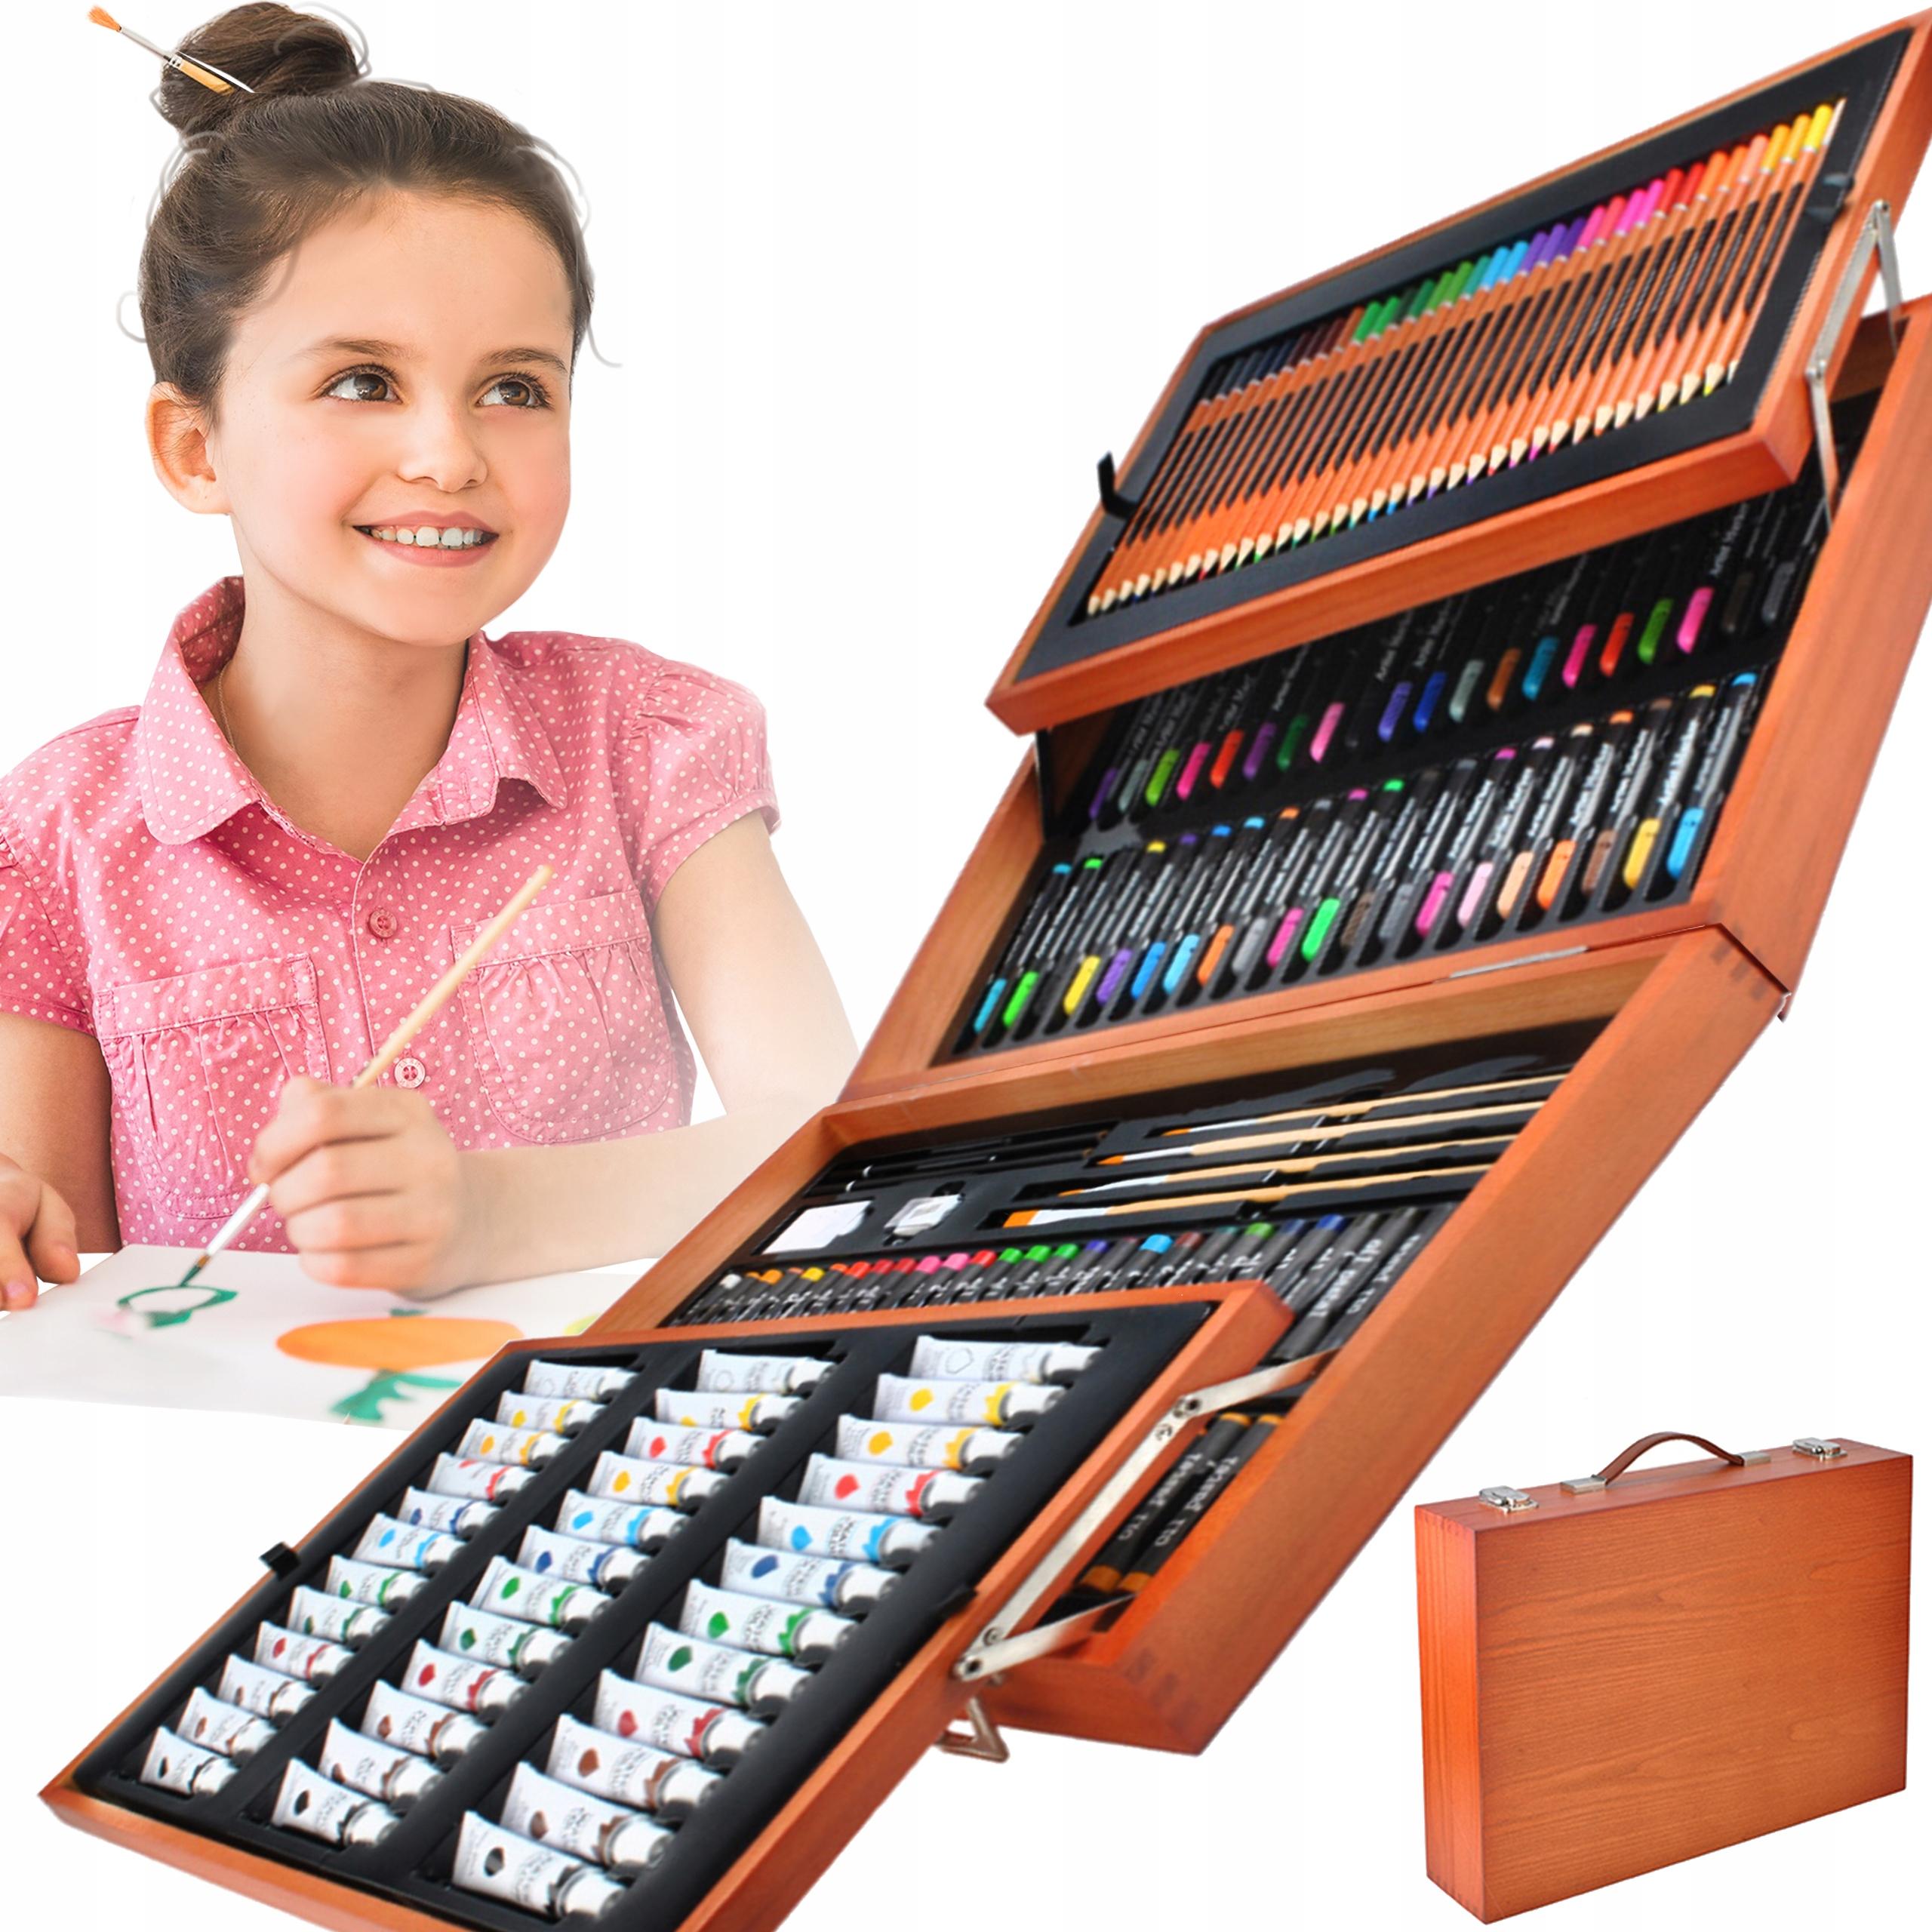 Zestaw Gigant do Malowania Rysowania Walizka Farby